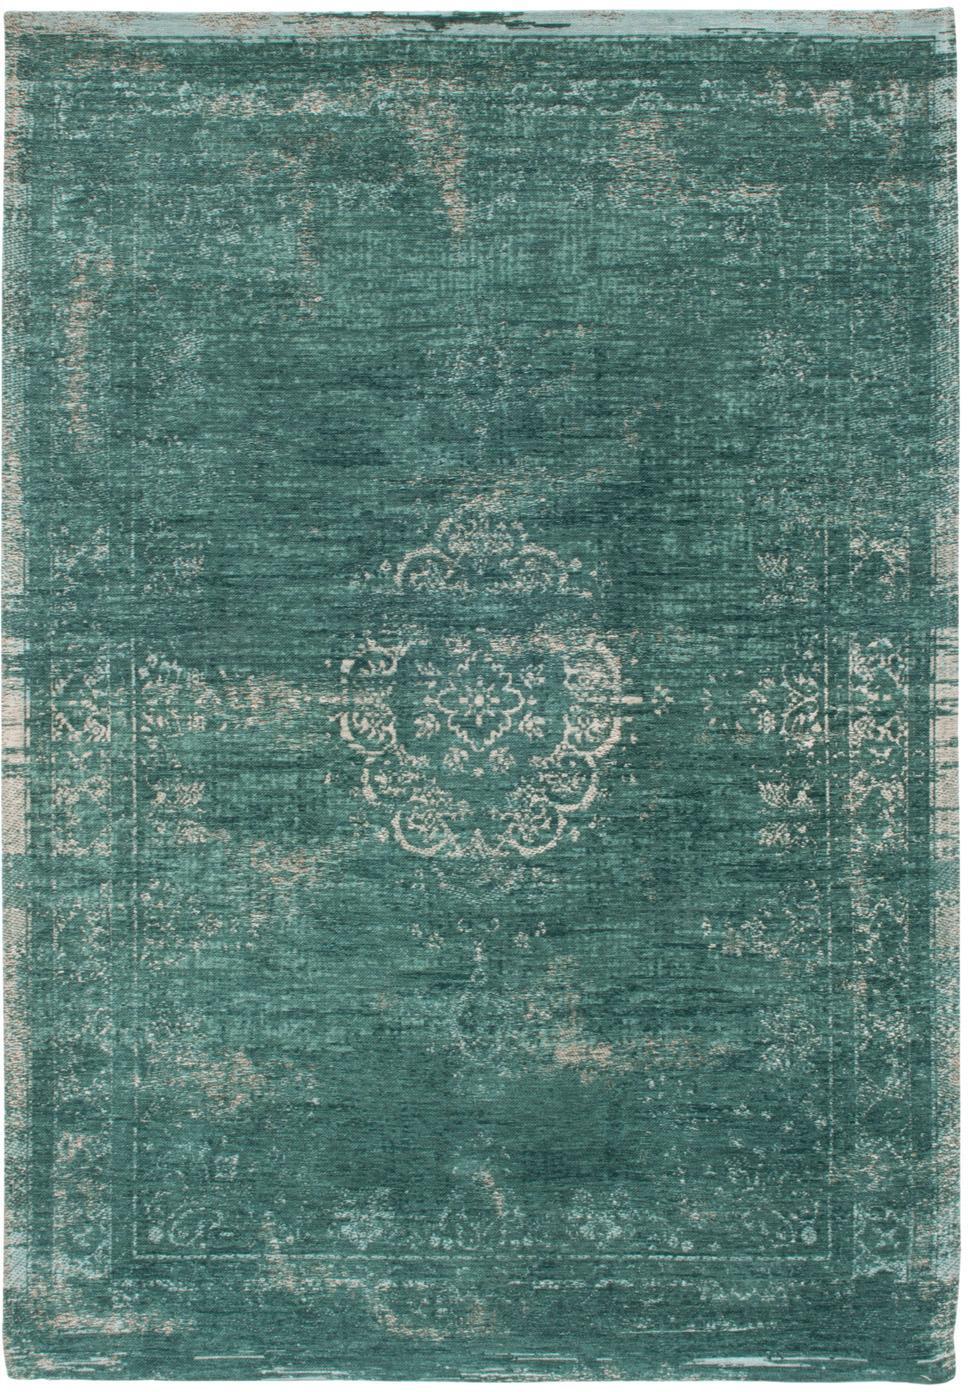 Vintage Chenilleteppich Medaillon, Vorderseite: 100% Chenillegarn (Baumwo, Webart: Jacquard, Rückseite: Chenillegarn, latexbeschi, Grün, Grau, B 230 x L 330 cm (Größe L)